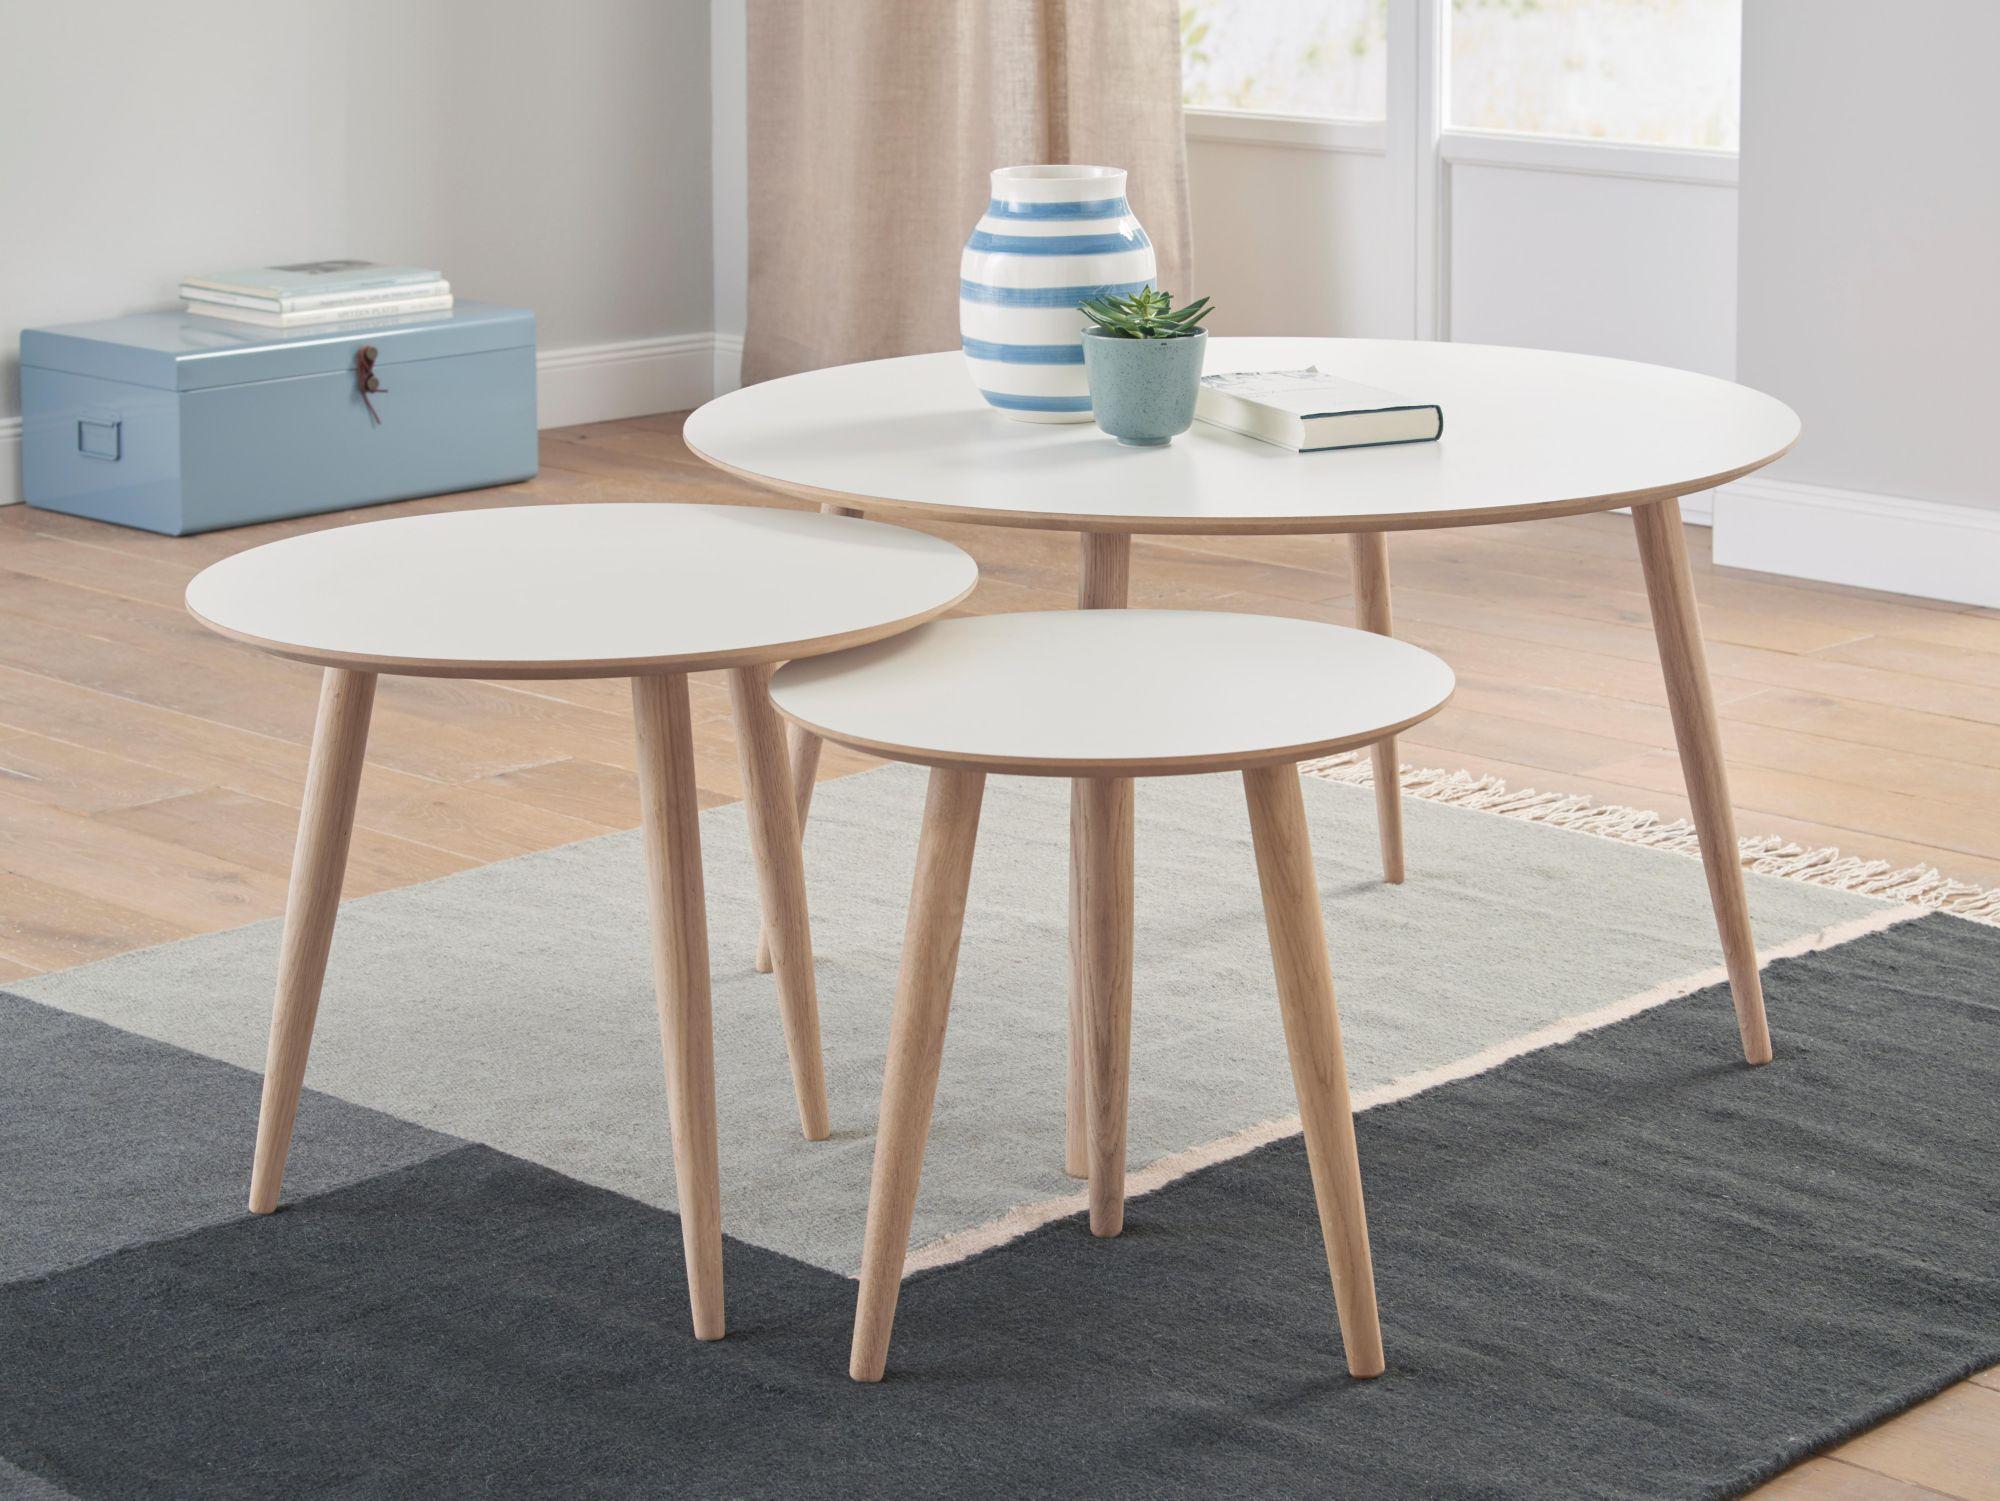 ANDAS andas Couchtisch-Set «Yvonne»,  3 runde Tische in verschiedenen Größen